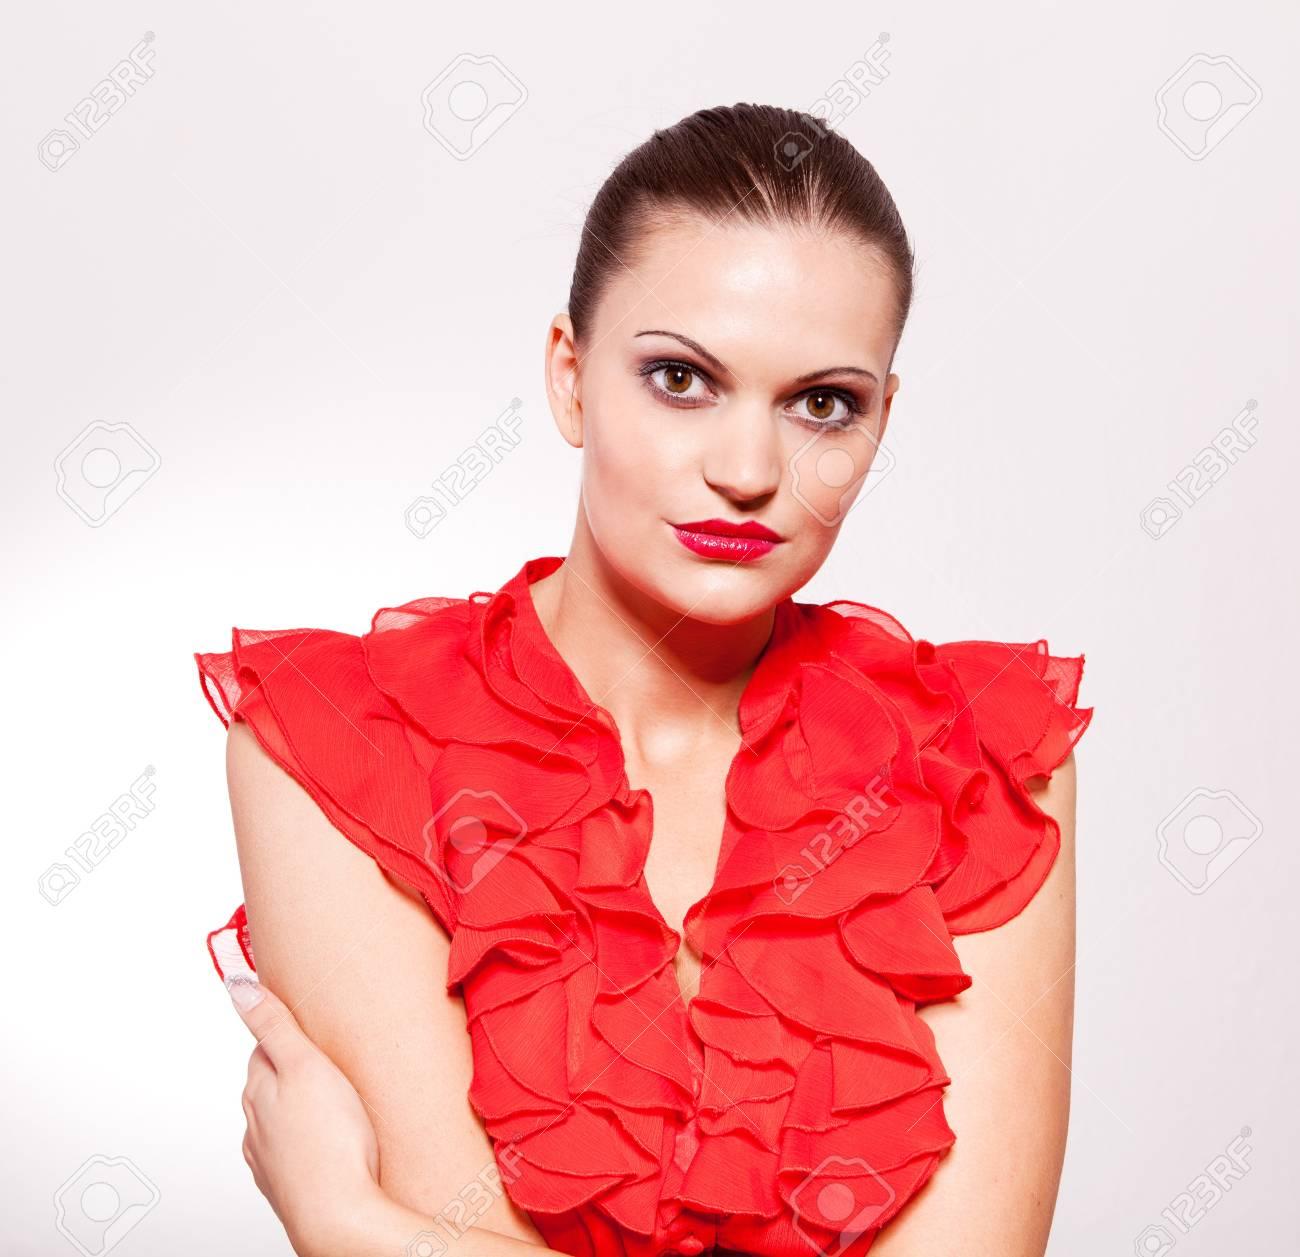 best service cebd9 01e9f Bella donna bruna con labbra rosse e camicia rossa